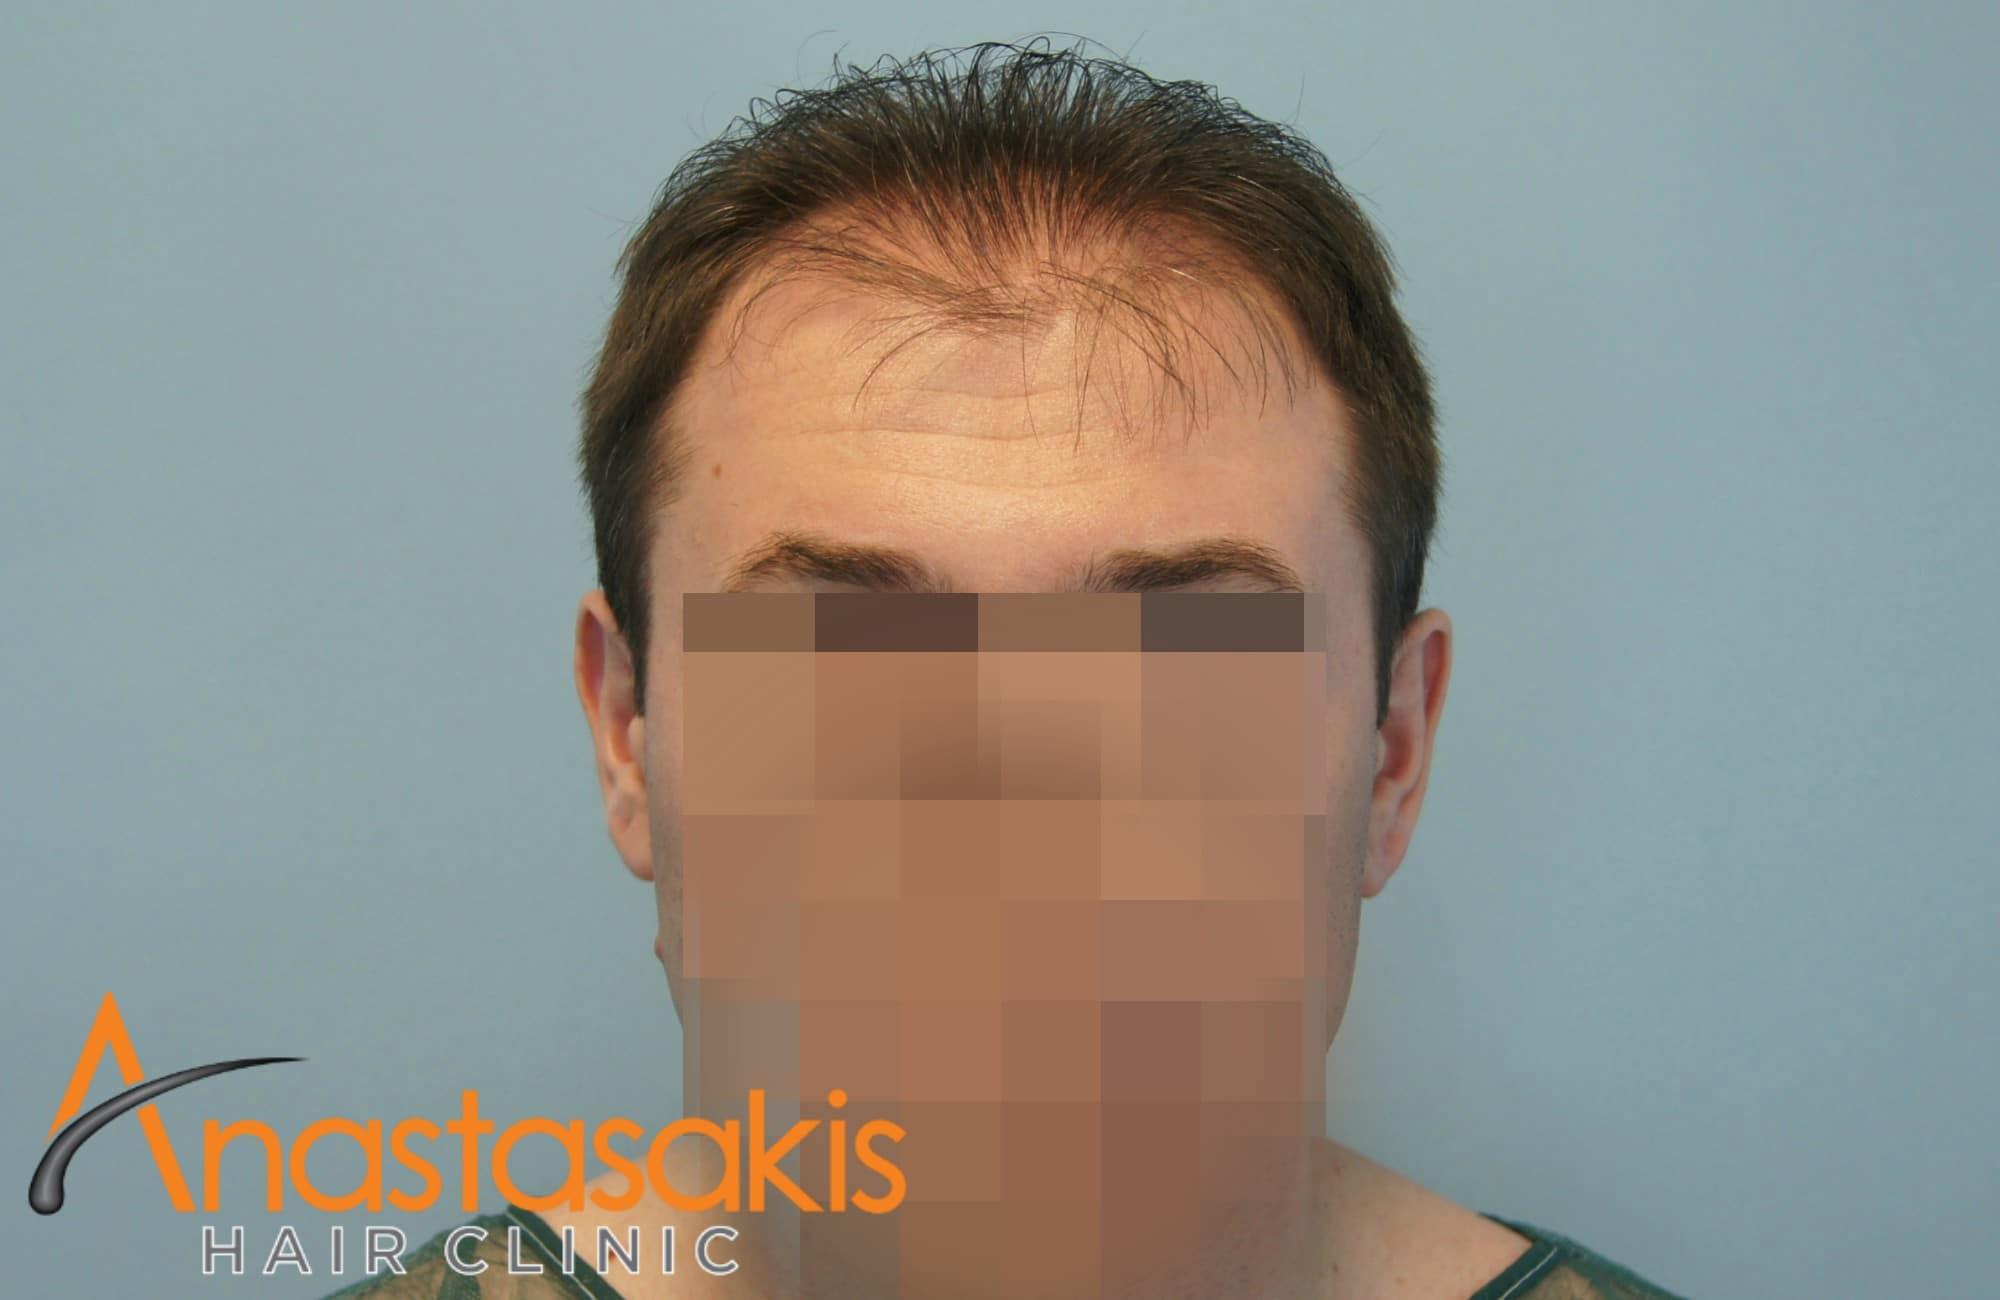 1700fus-fue-peristatiko-etous-anastasakis hair clinic result